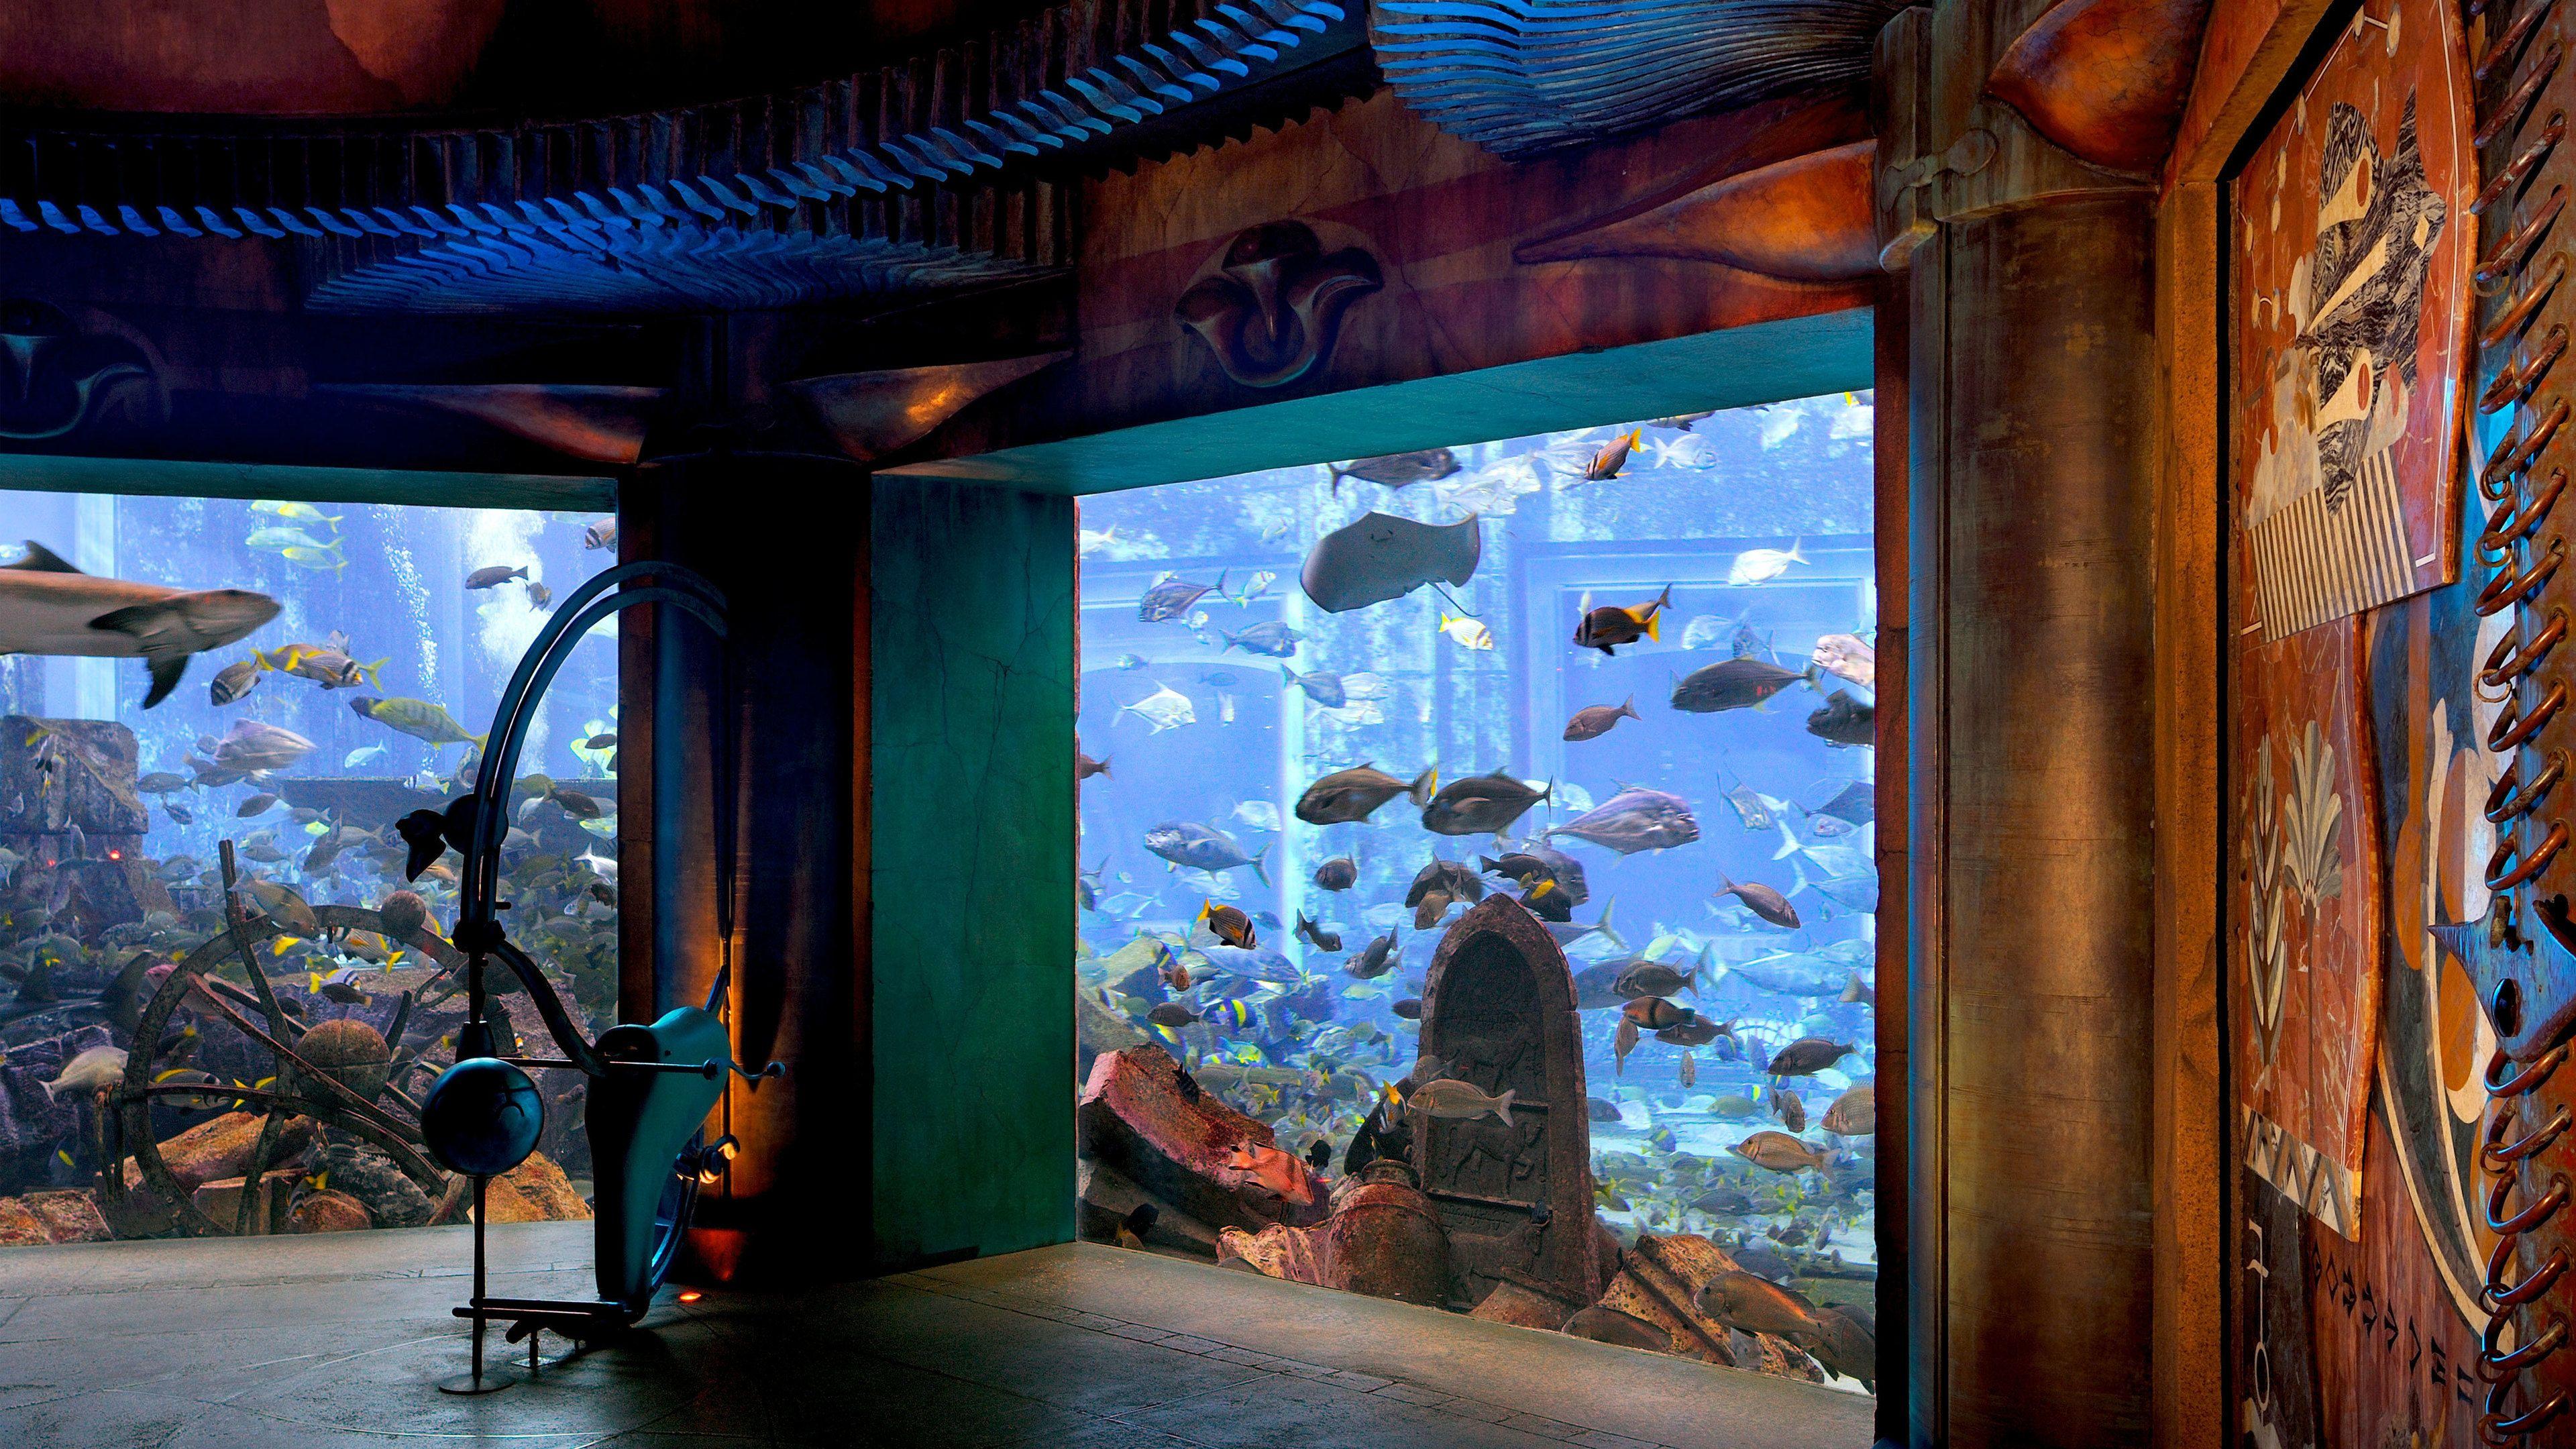 plethora of fish in aquarium at waterpark in Dubai